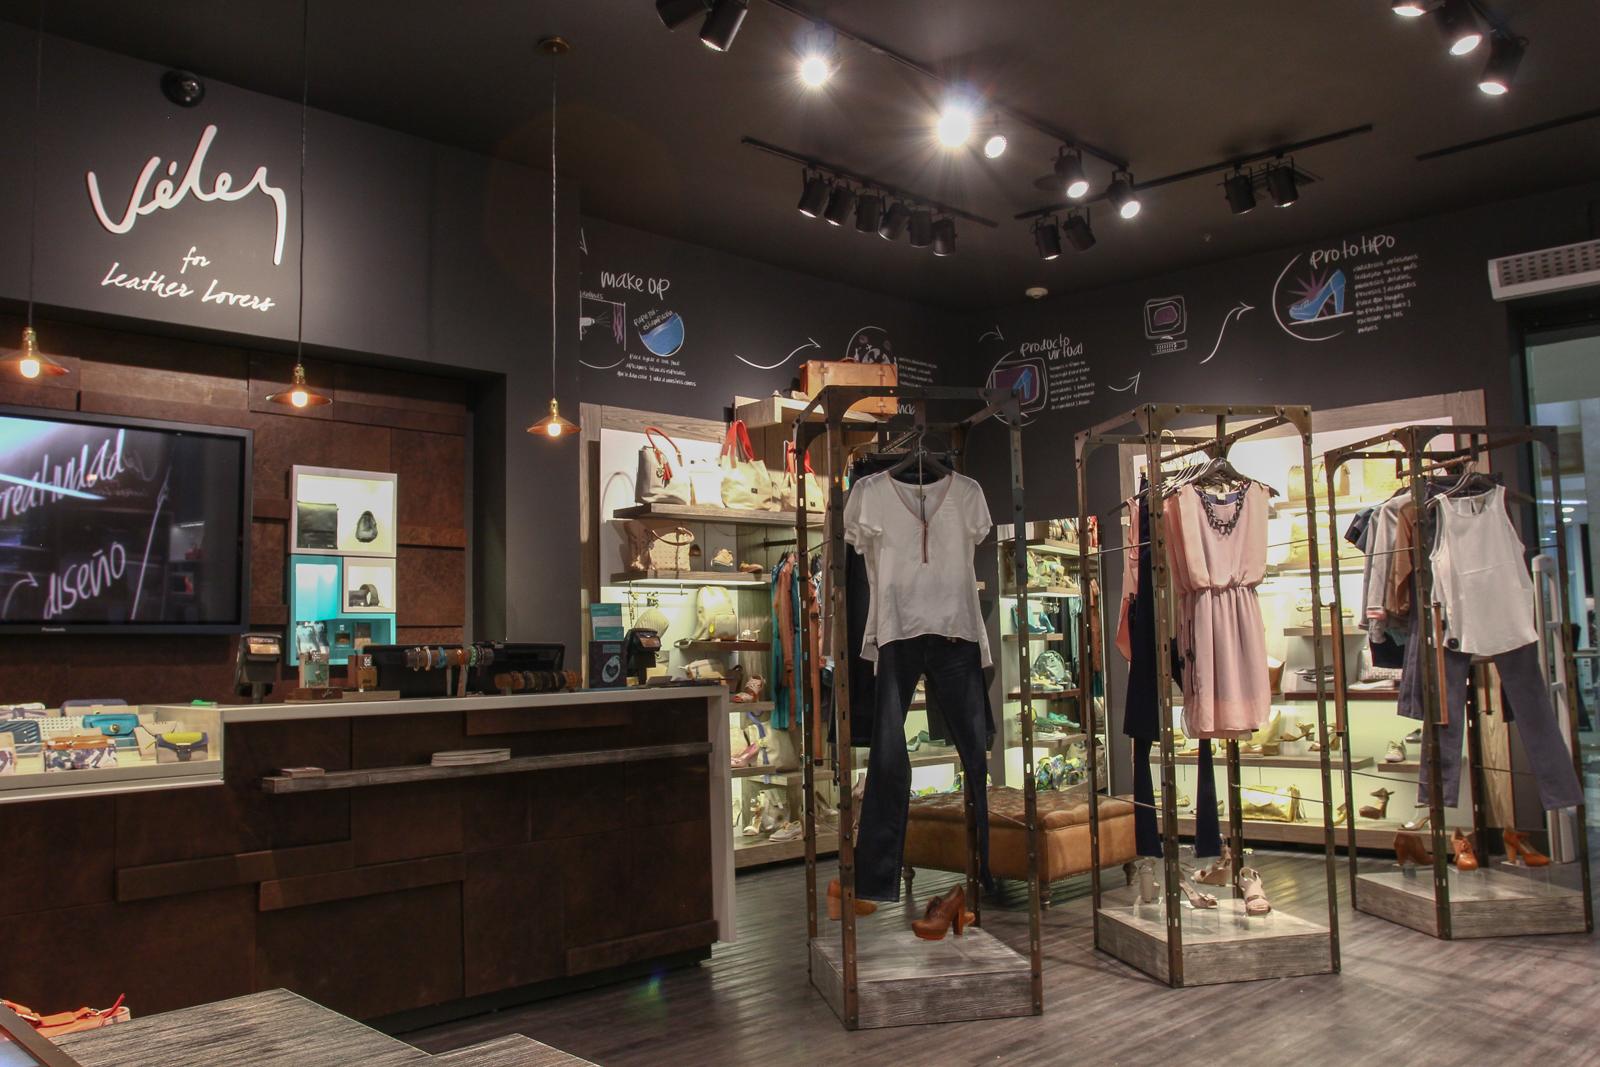 velez col 2 - Cueros Vélez abriría más tiendas para aumentar sus ventas este 2017